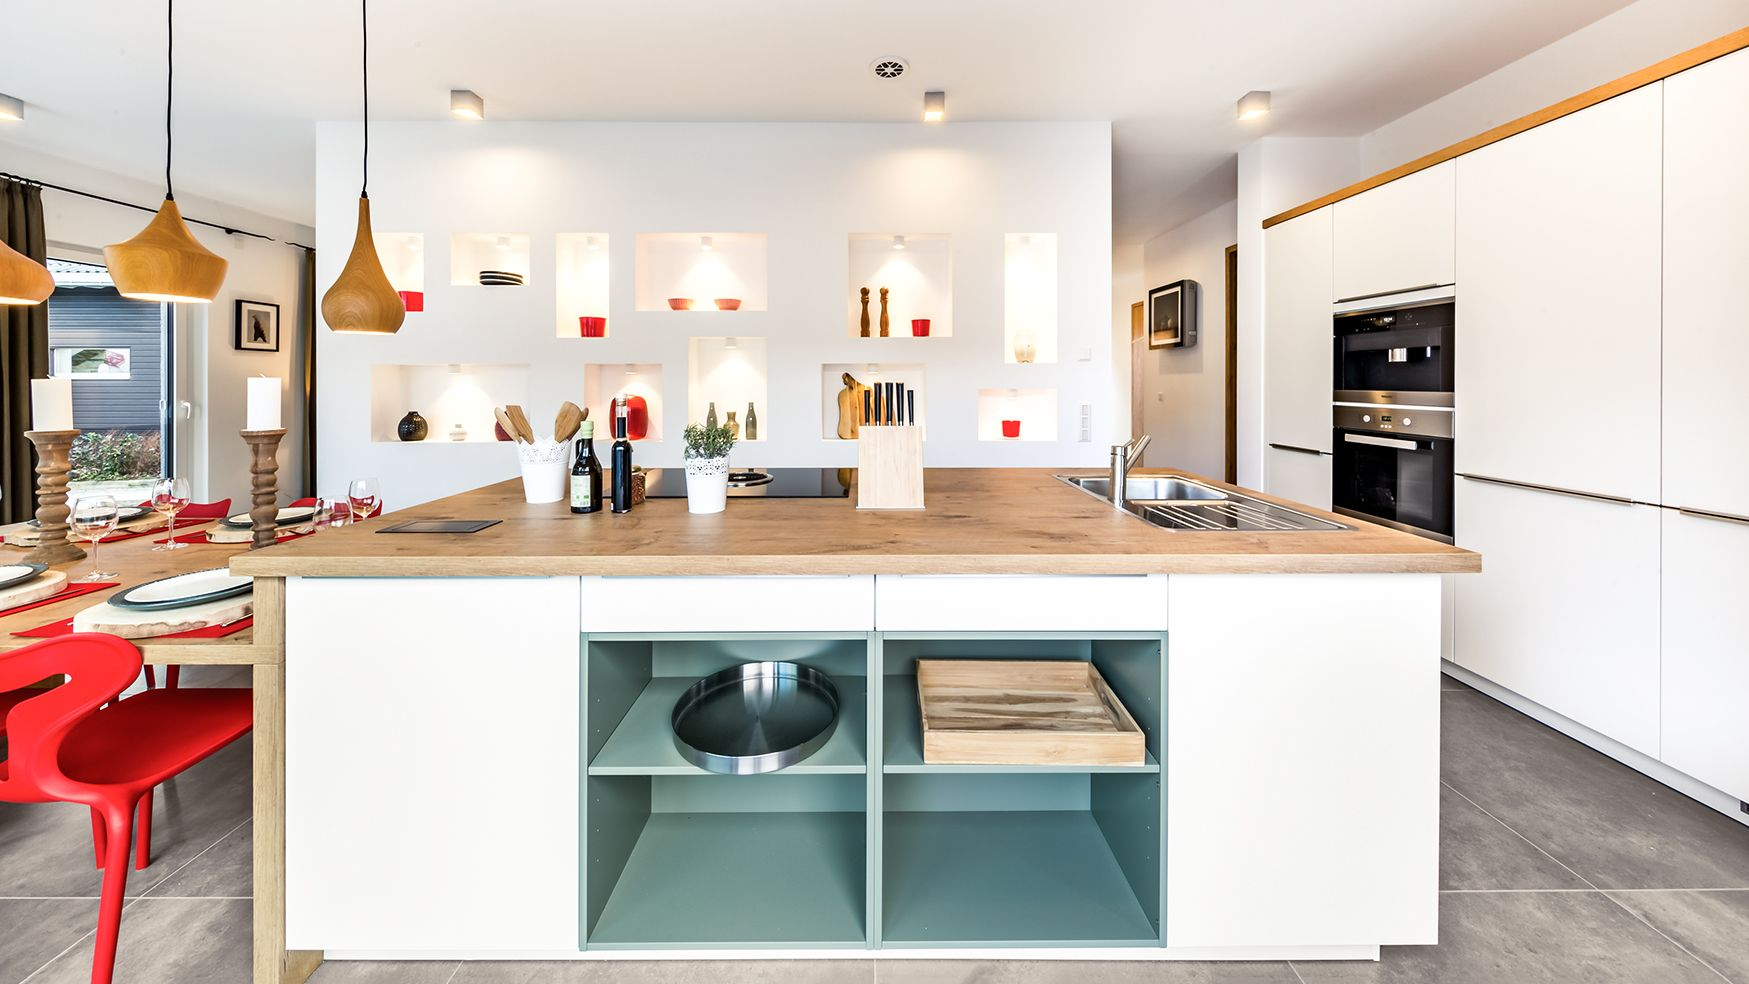 Musterhaus küchen erfahrungen  OKAL Musterhaus Fellbach | Küche | OKAL Küche & Esszimmer ...